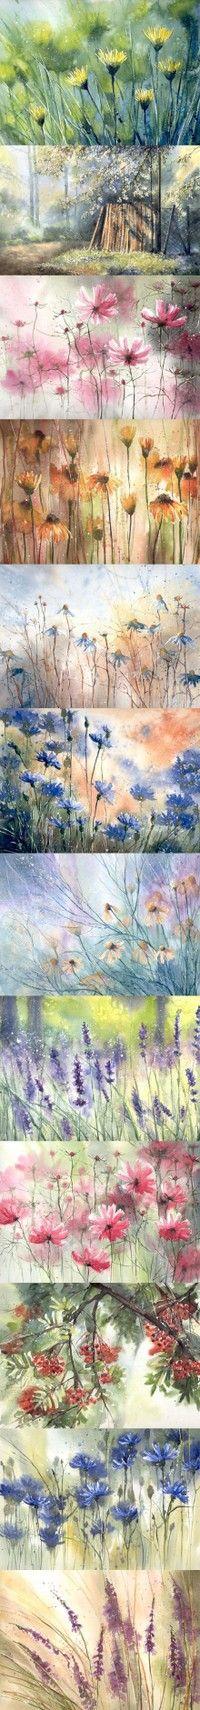 Strip of flowers by Malgorzata Szczecinska